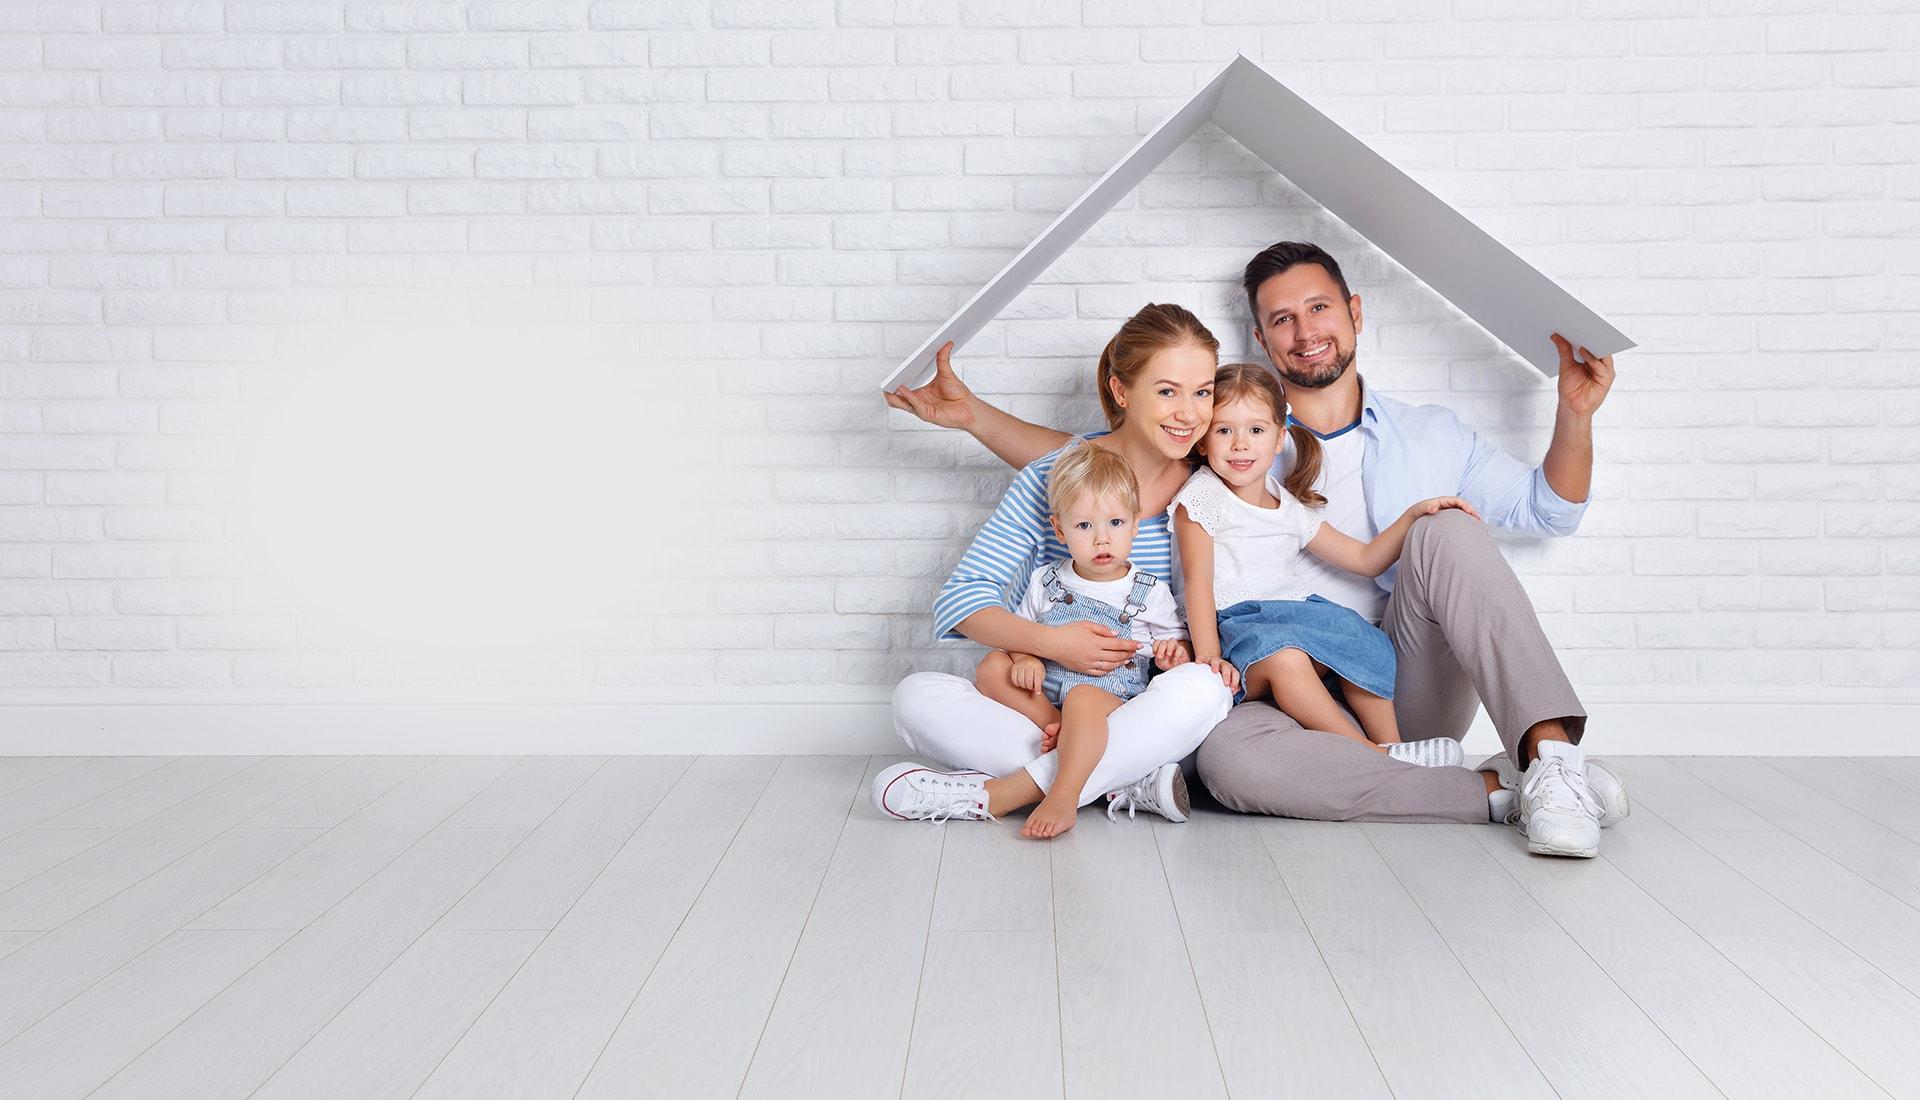 Nieuwe woning kopen? Wees aandachtig voor 'verborgen' gebreken